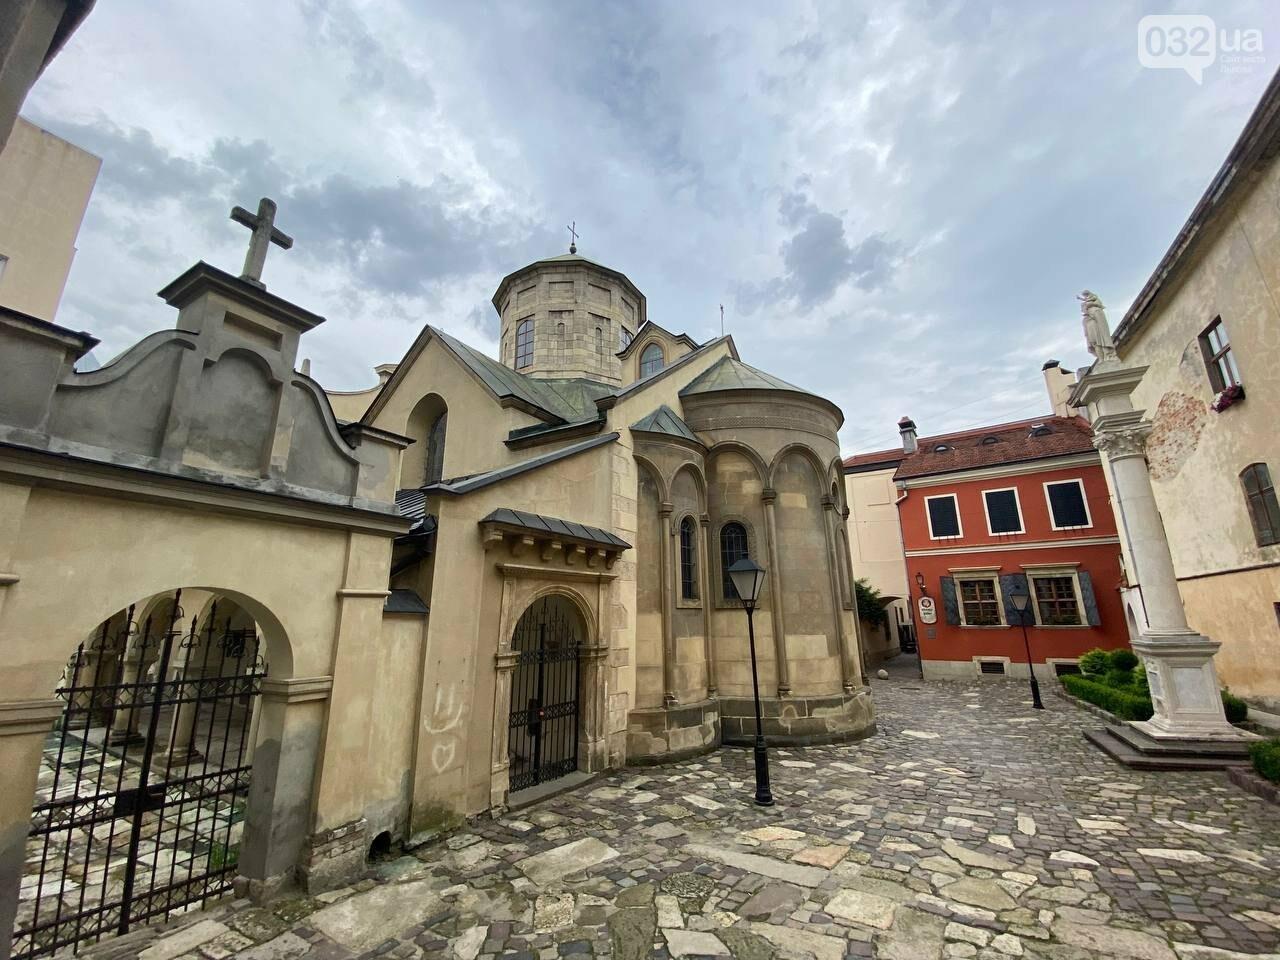 Вірменський собор, Фото: 032.ua